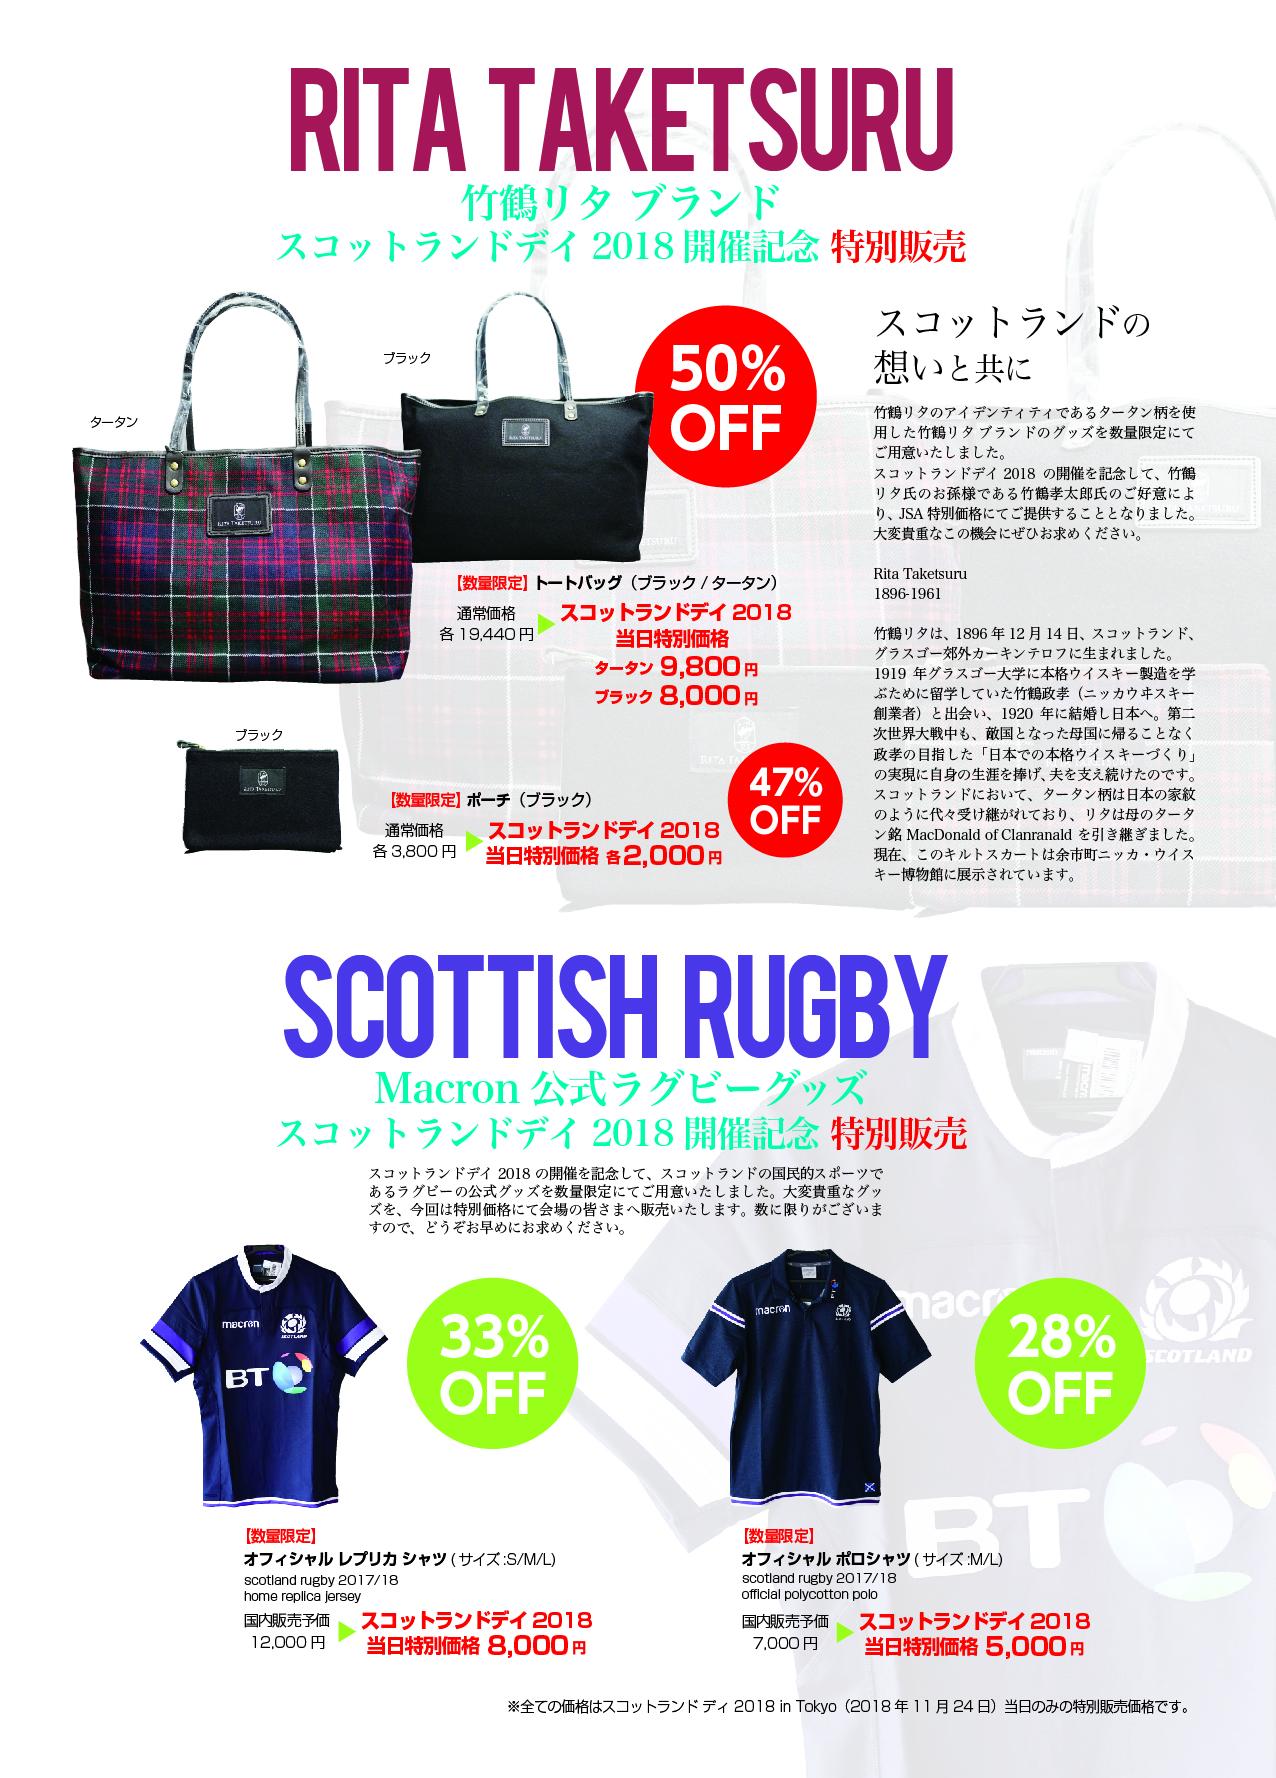 スコットランド デイ in 東京 2018 特別販売を行います!